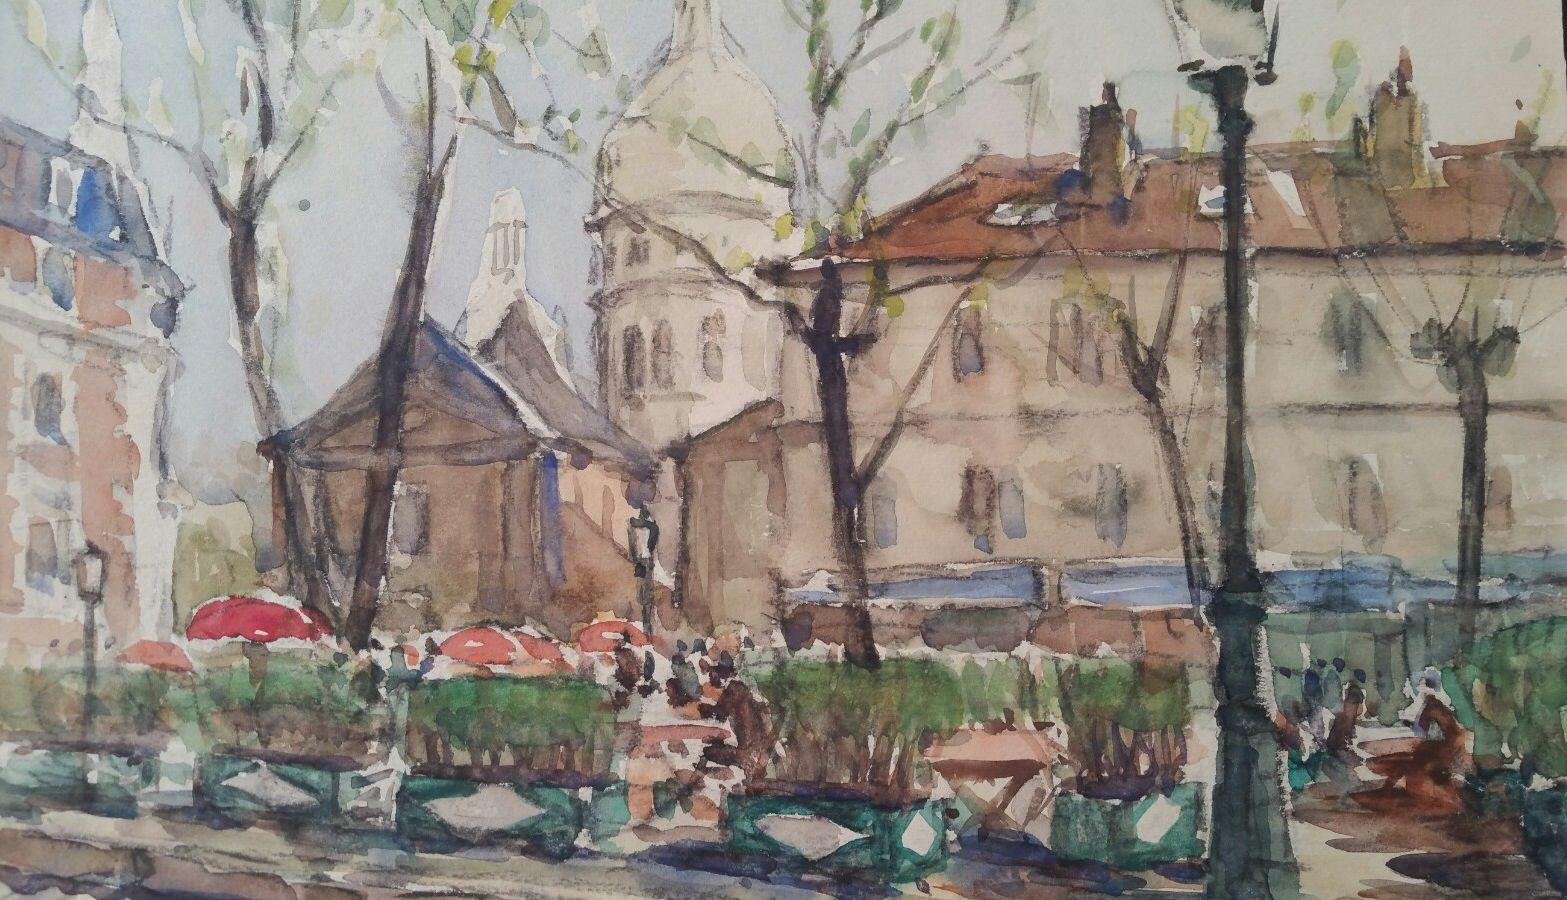 Ecole de Paris Mid 20th Century Place du Tertre and Sacre Coeur